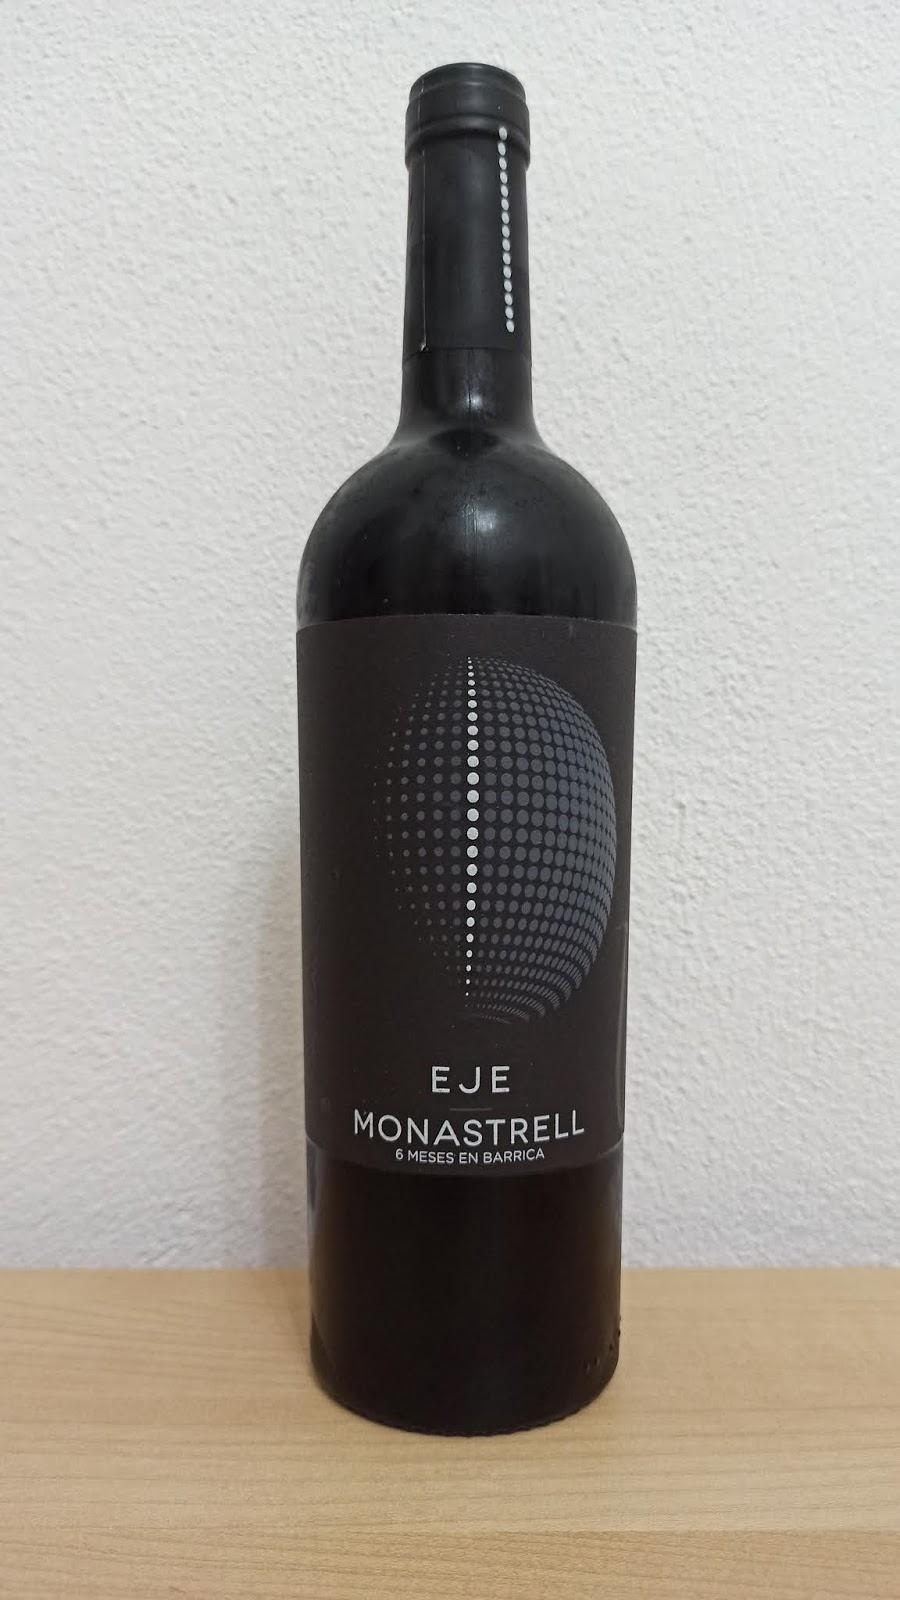 ¿Gusta tomar un vino? pasen y beban: Eje Monastrell, DO